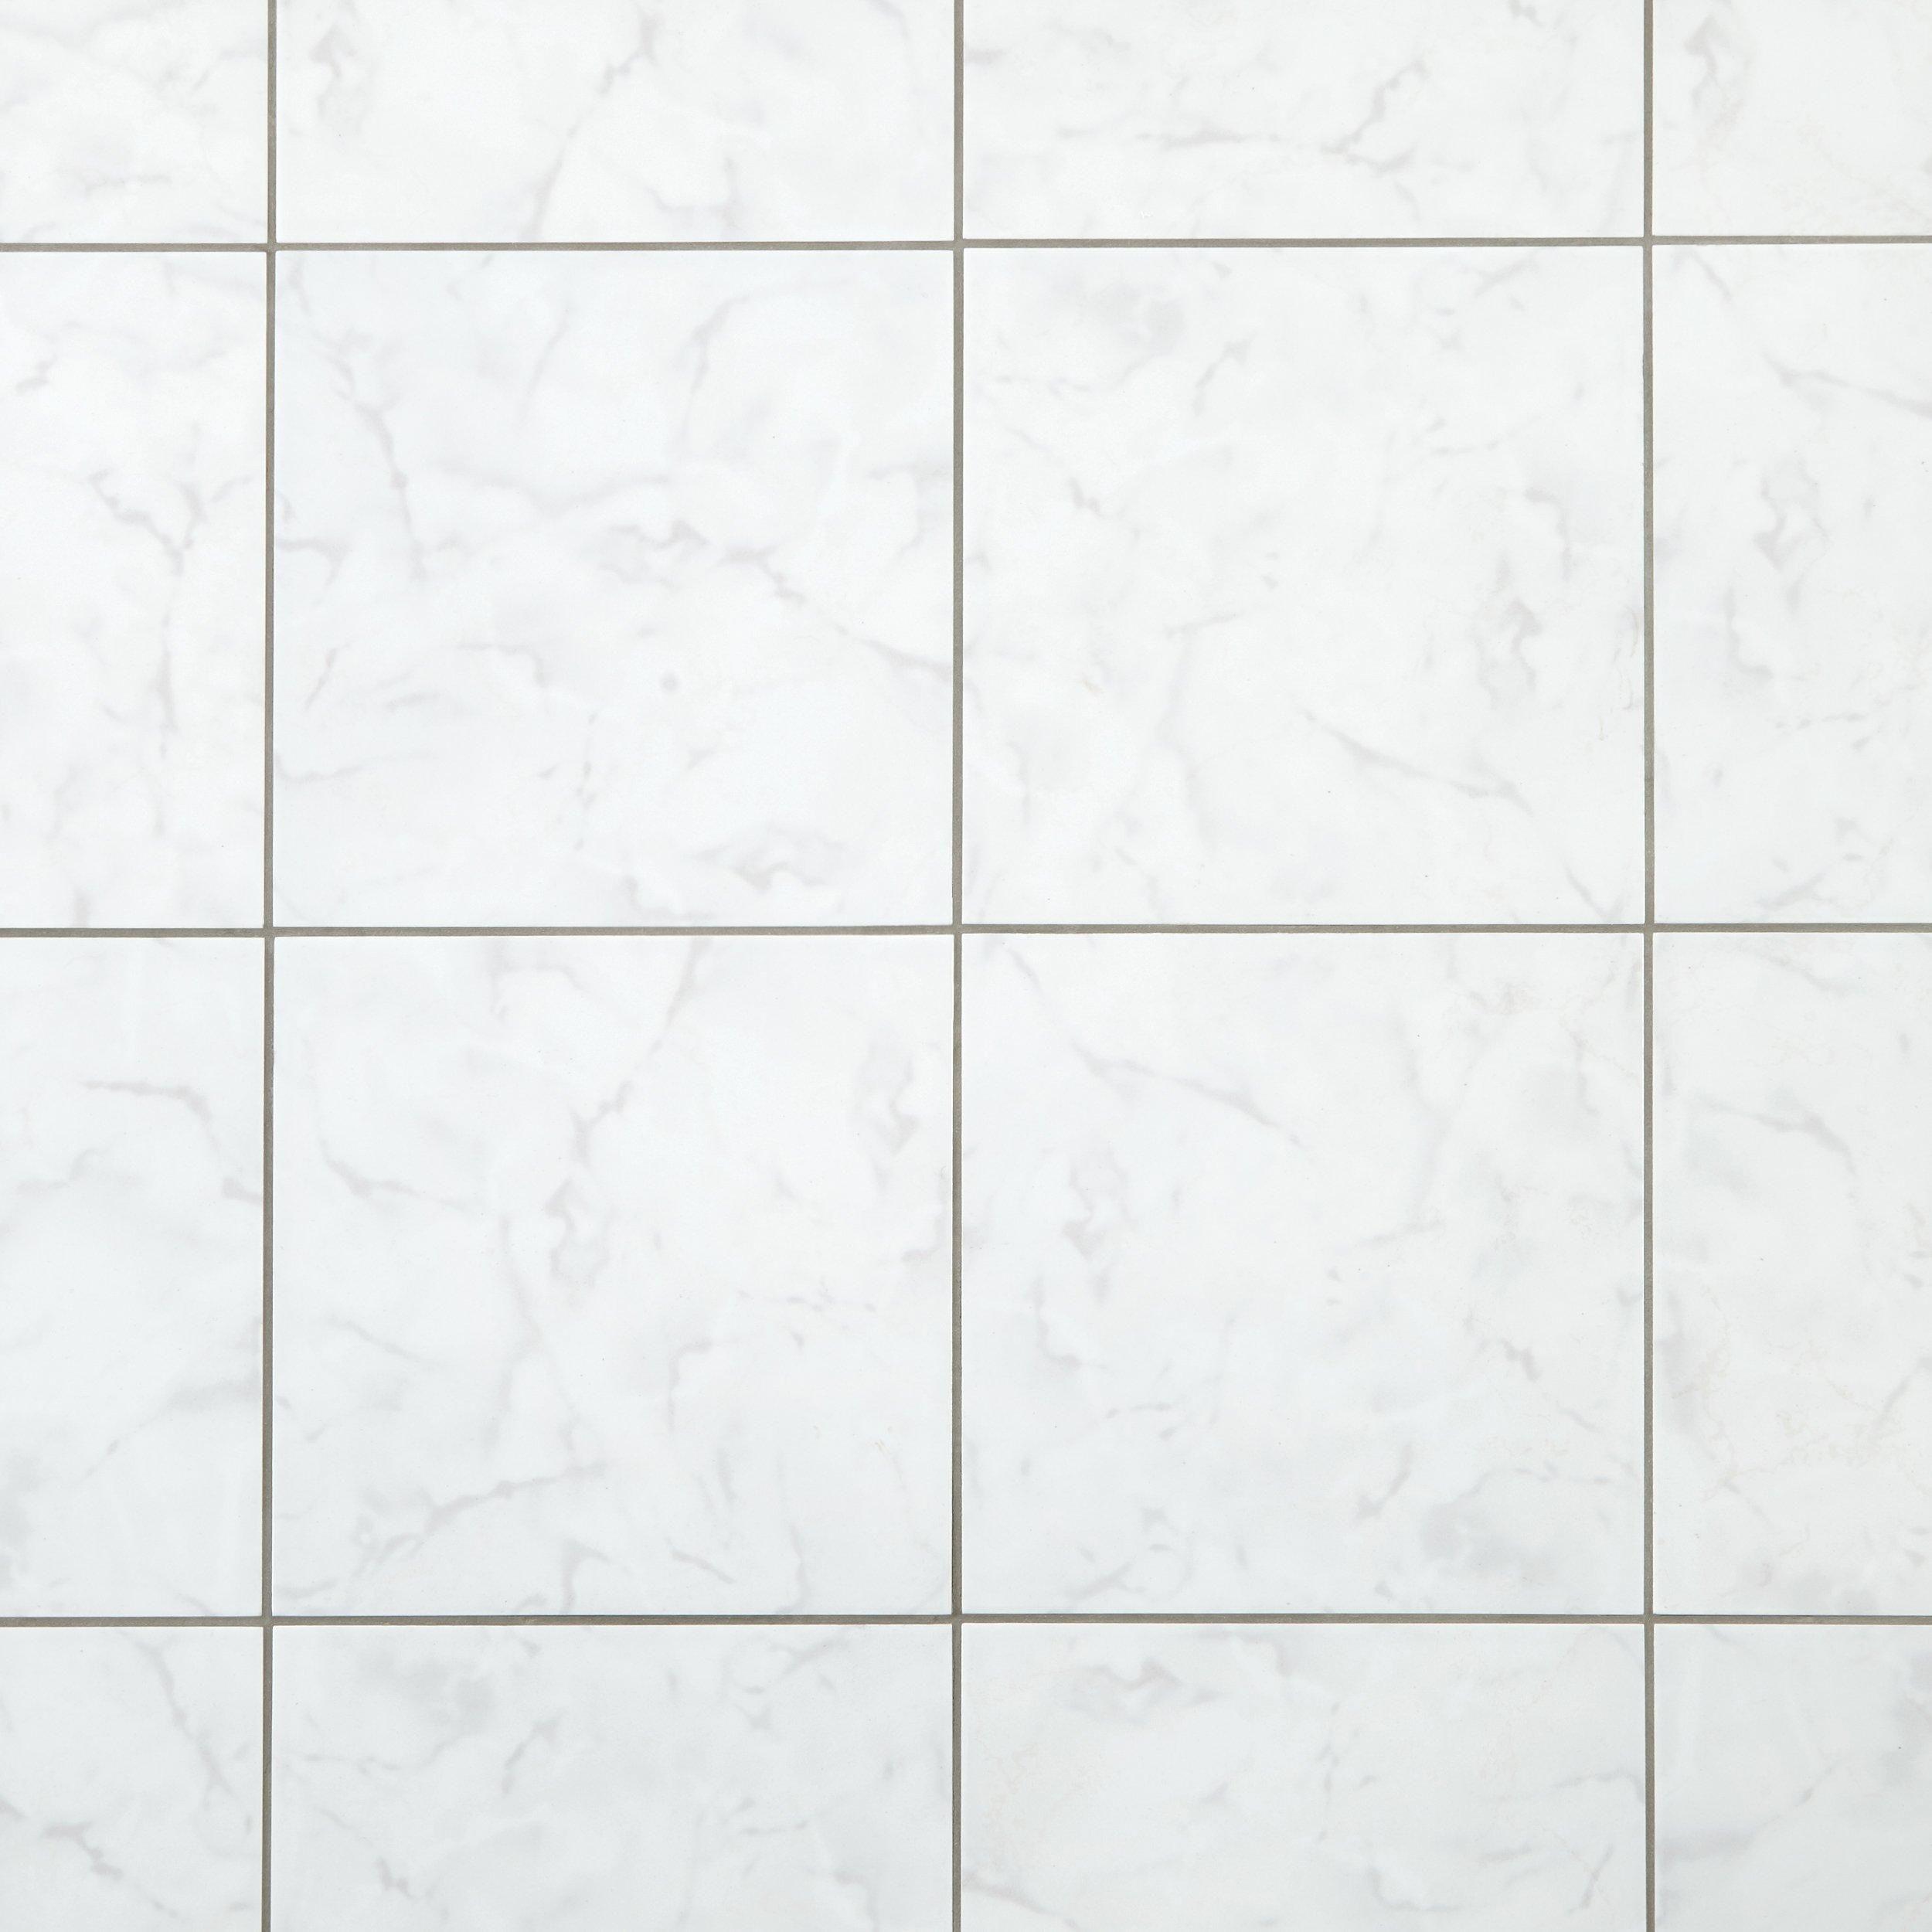 Crystal White Ceramic Tile Floor Decor In 2020 Ceramic Floor Ceramic Floor Tile White Porcelain Tile